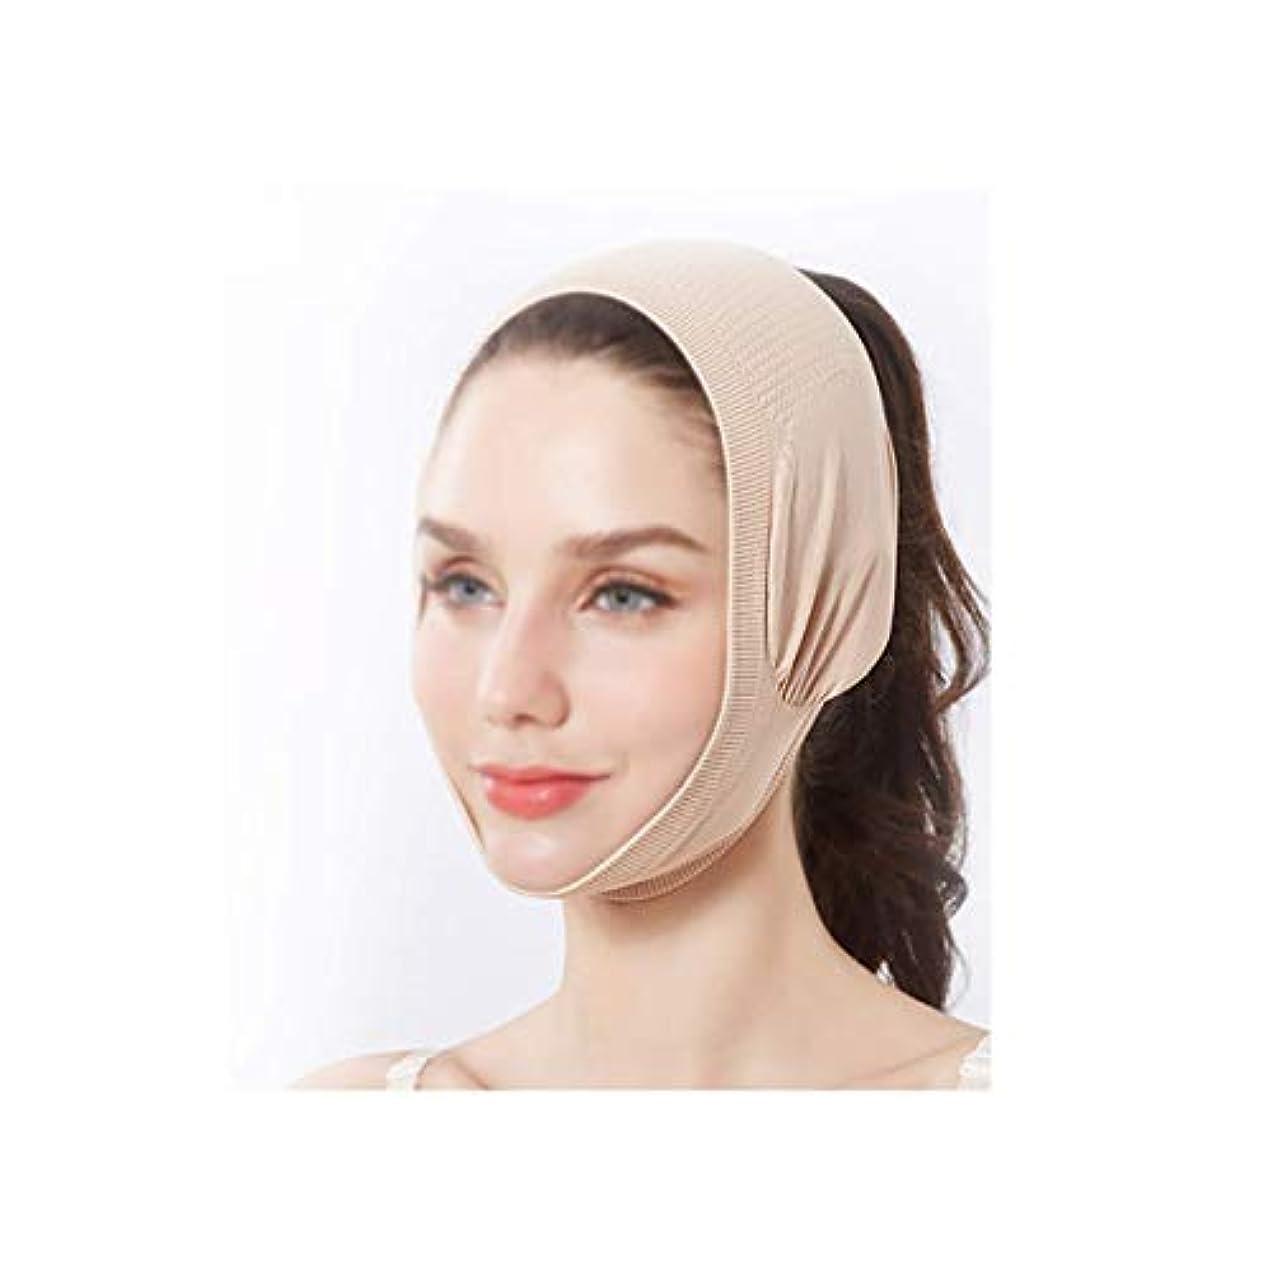 不快な行列米ドルフェイスリフトマスク、フェイシャルマスクエクステンション強度フェイスレス包帯バンディオンフェイスラージVラインカービングフェイスバックカバーネックストラップ(カラー:肌の色)